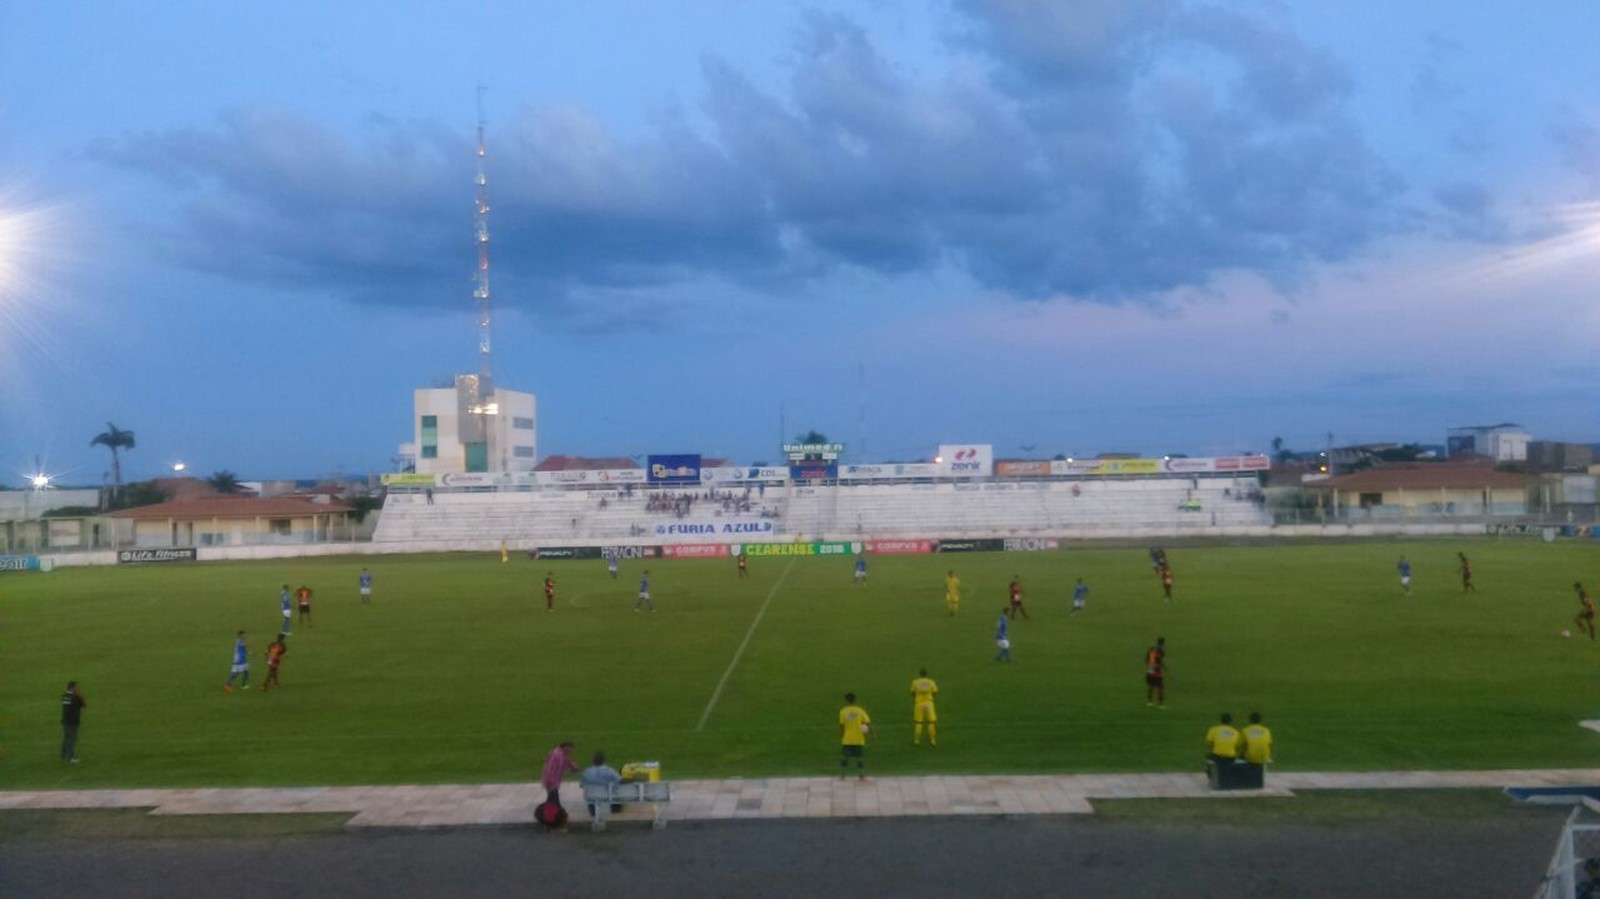 Iguatu e Guarani de Juazeiro, no estádio Morenão, em Iguatu. Foto: Ednardo Alves / Globo Esporte